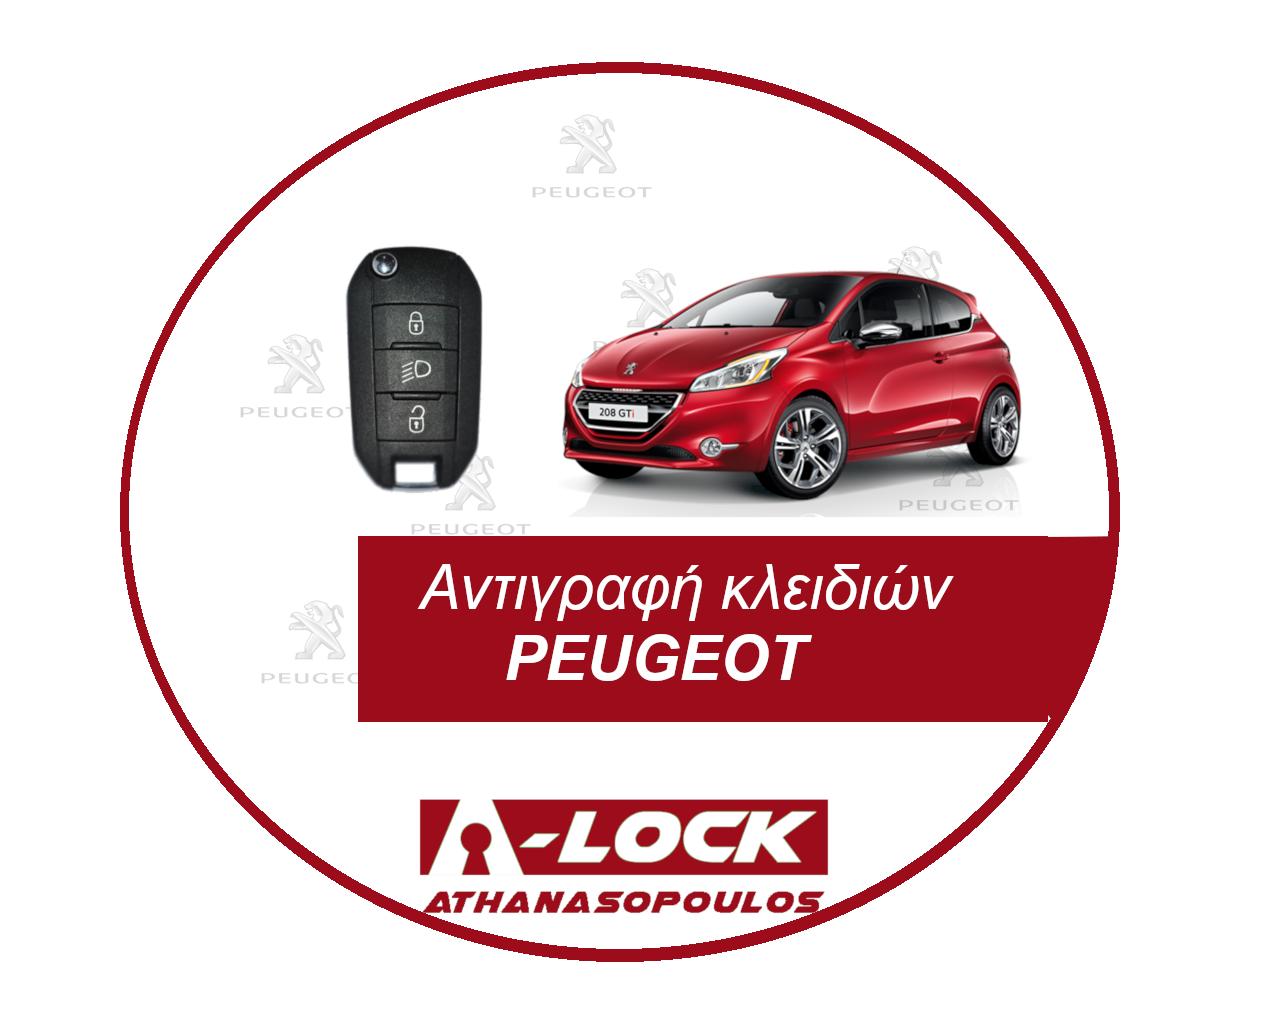 Αντιγραφές Κλειδιών Immobilizer Αυτοκινήτου PEUGEOT - 24 Ωρες Κλειδαράς Γαλάτσι A-Lock Αθανασόπουλος